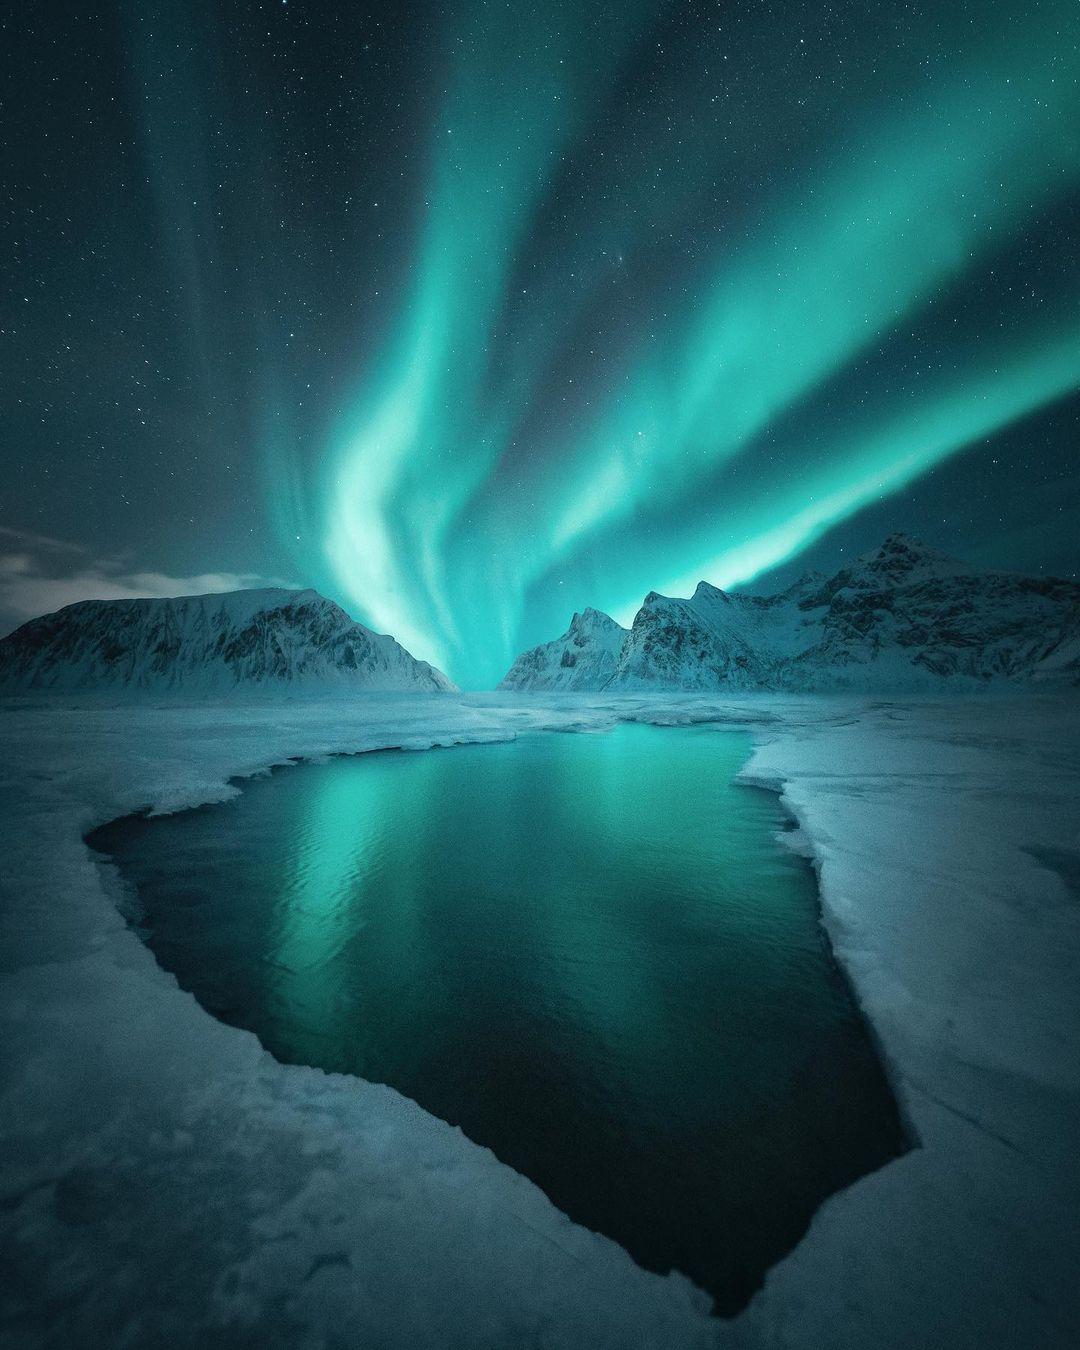 Космические фотографии Юлиуса Кехкенена, сделанные в разных местах планеты Земля тревел-фото,фотошоп